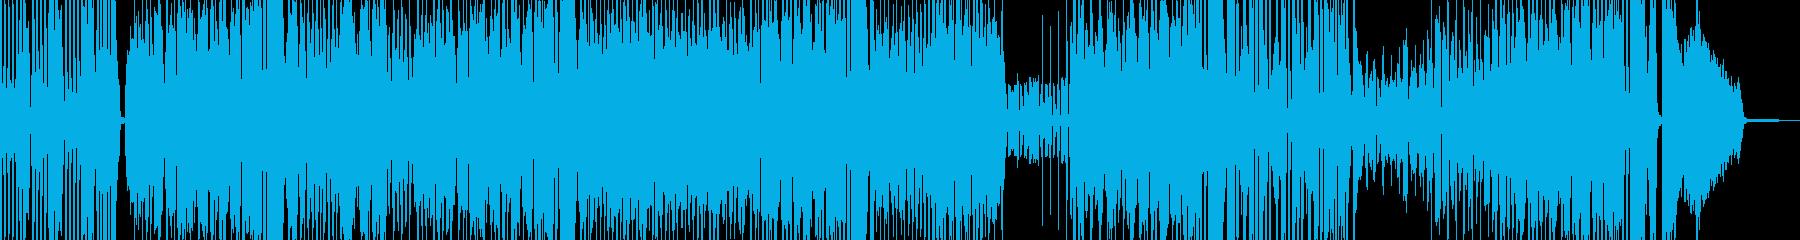 カートゥーン調のブラスジャズ 打楽器有の再生済みの波形